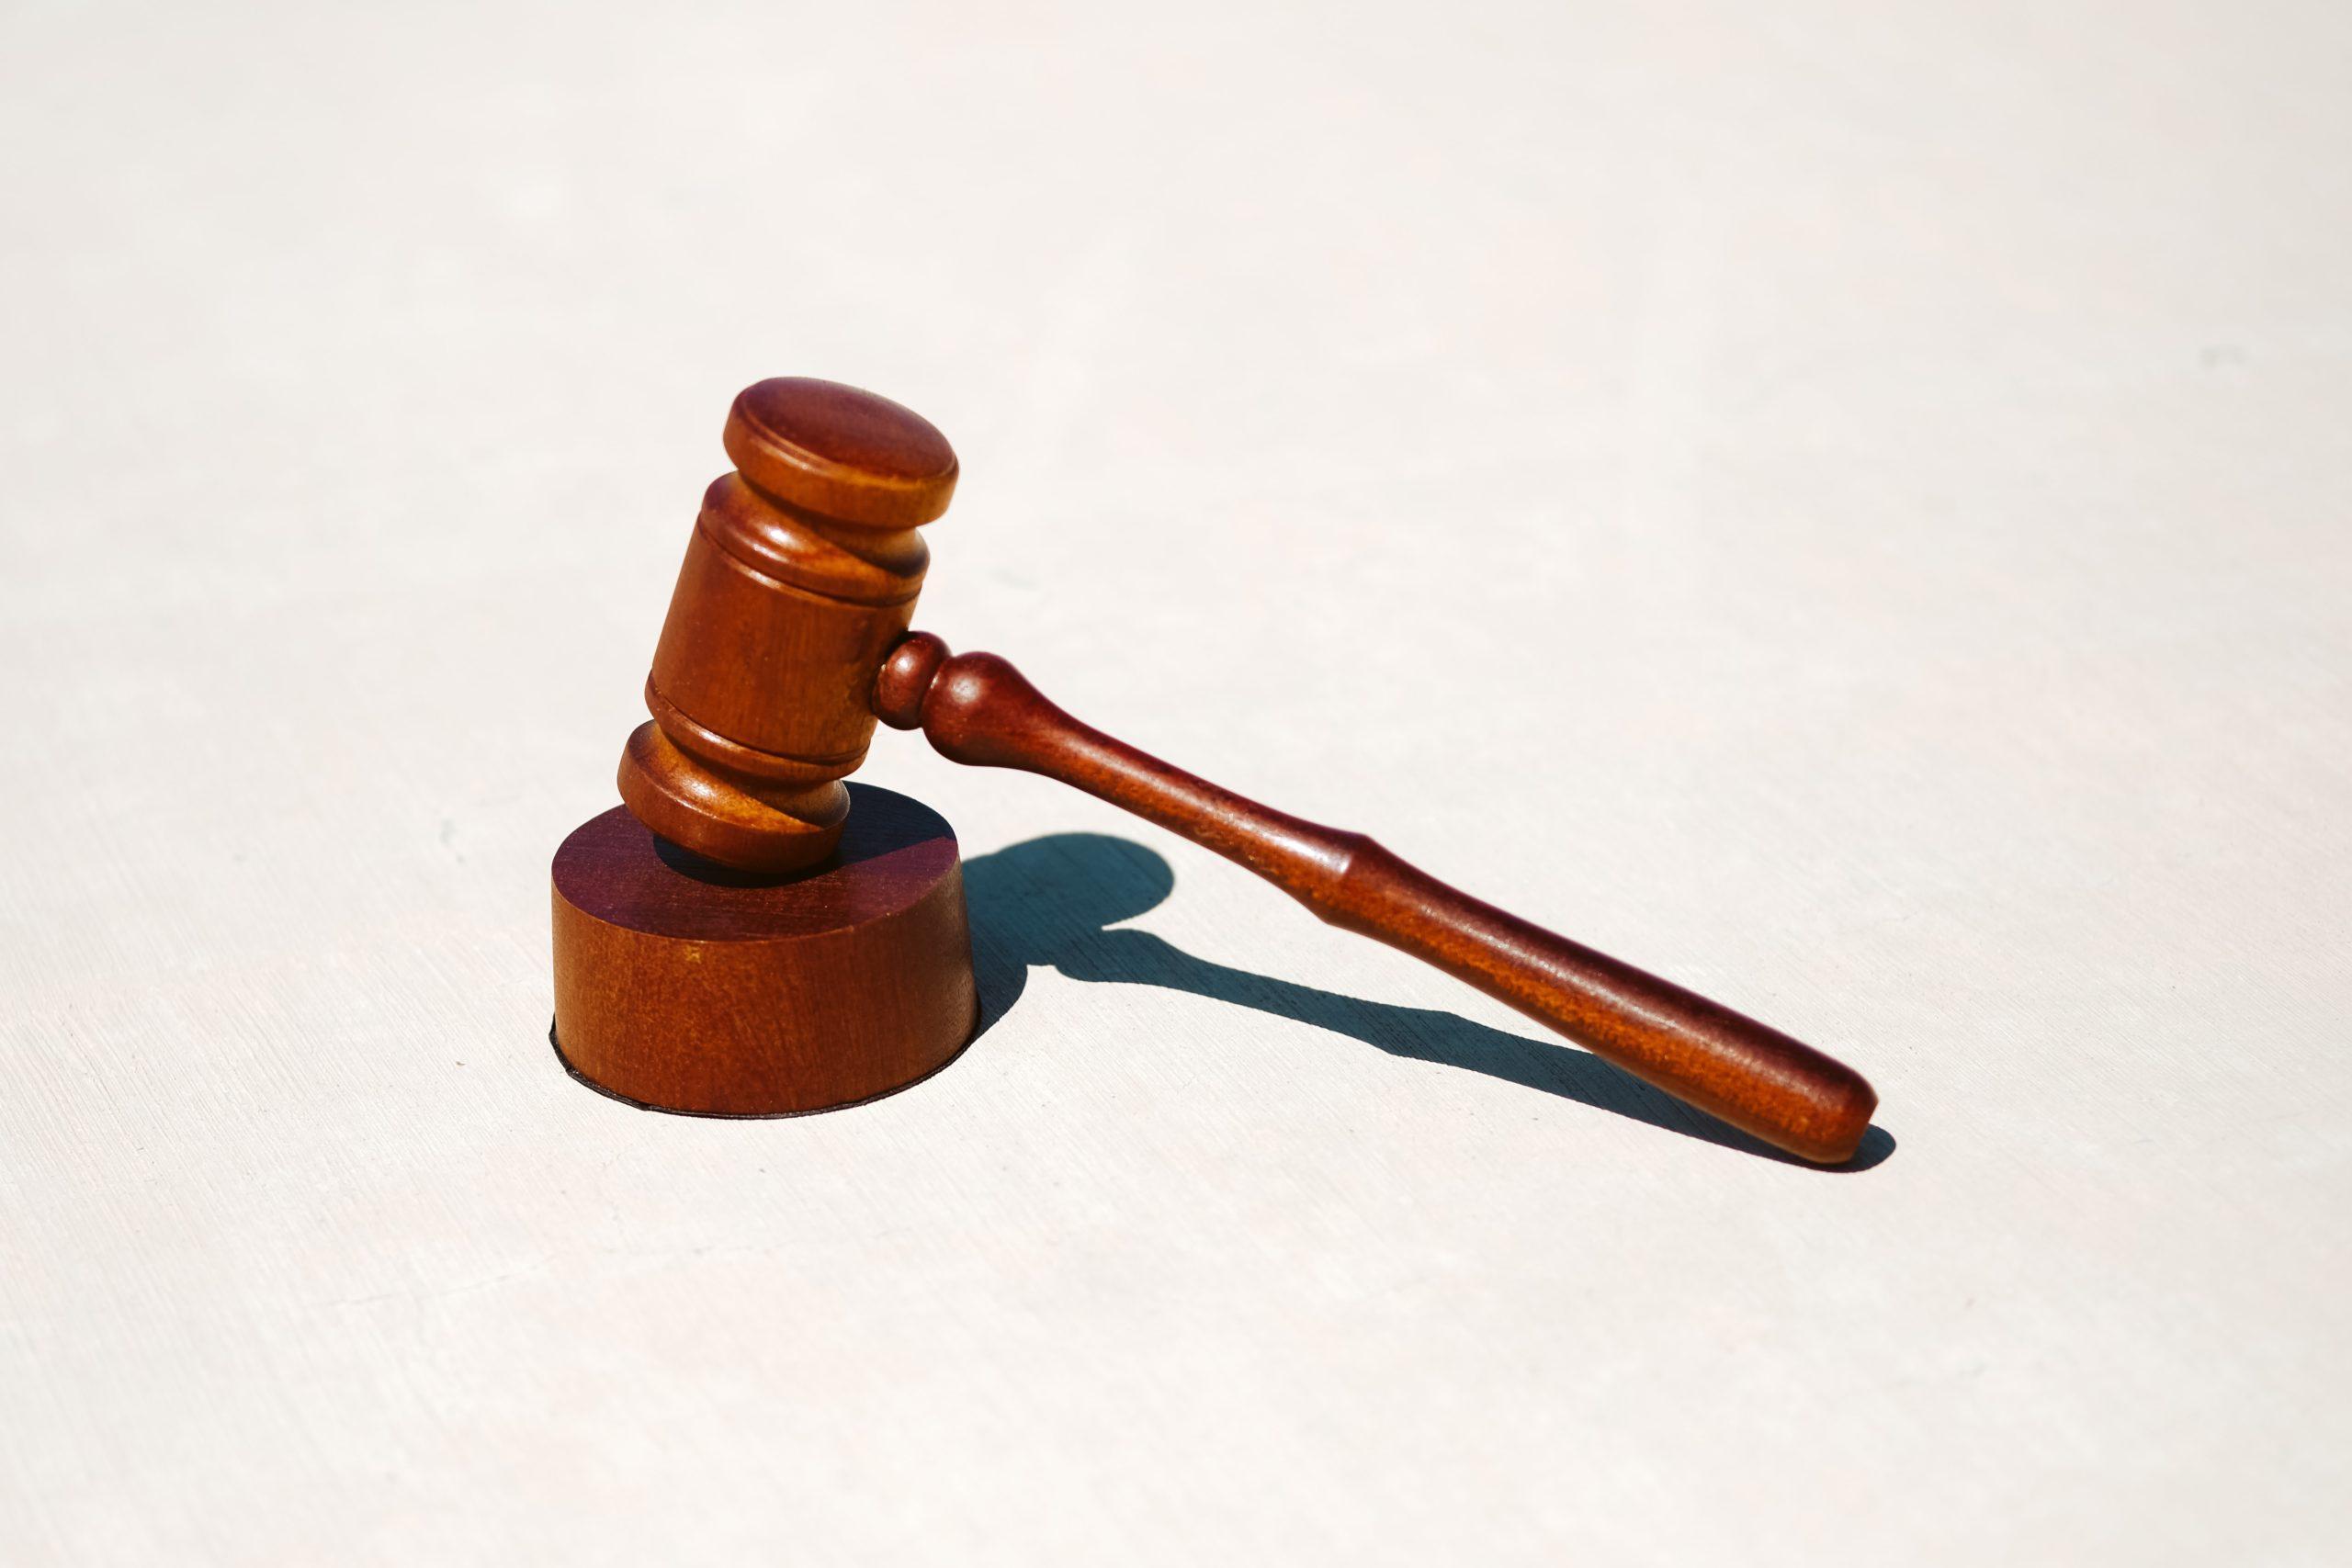 Верховный суд разъяснил аспекты рассмотрения административных дел в судах кассационной инстанции